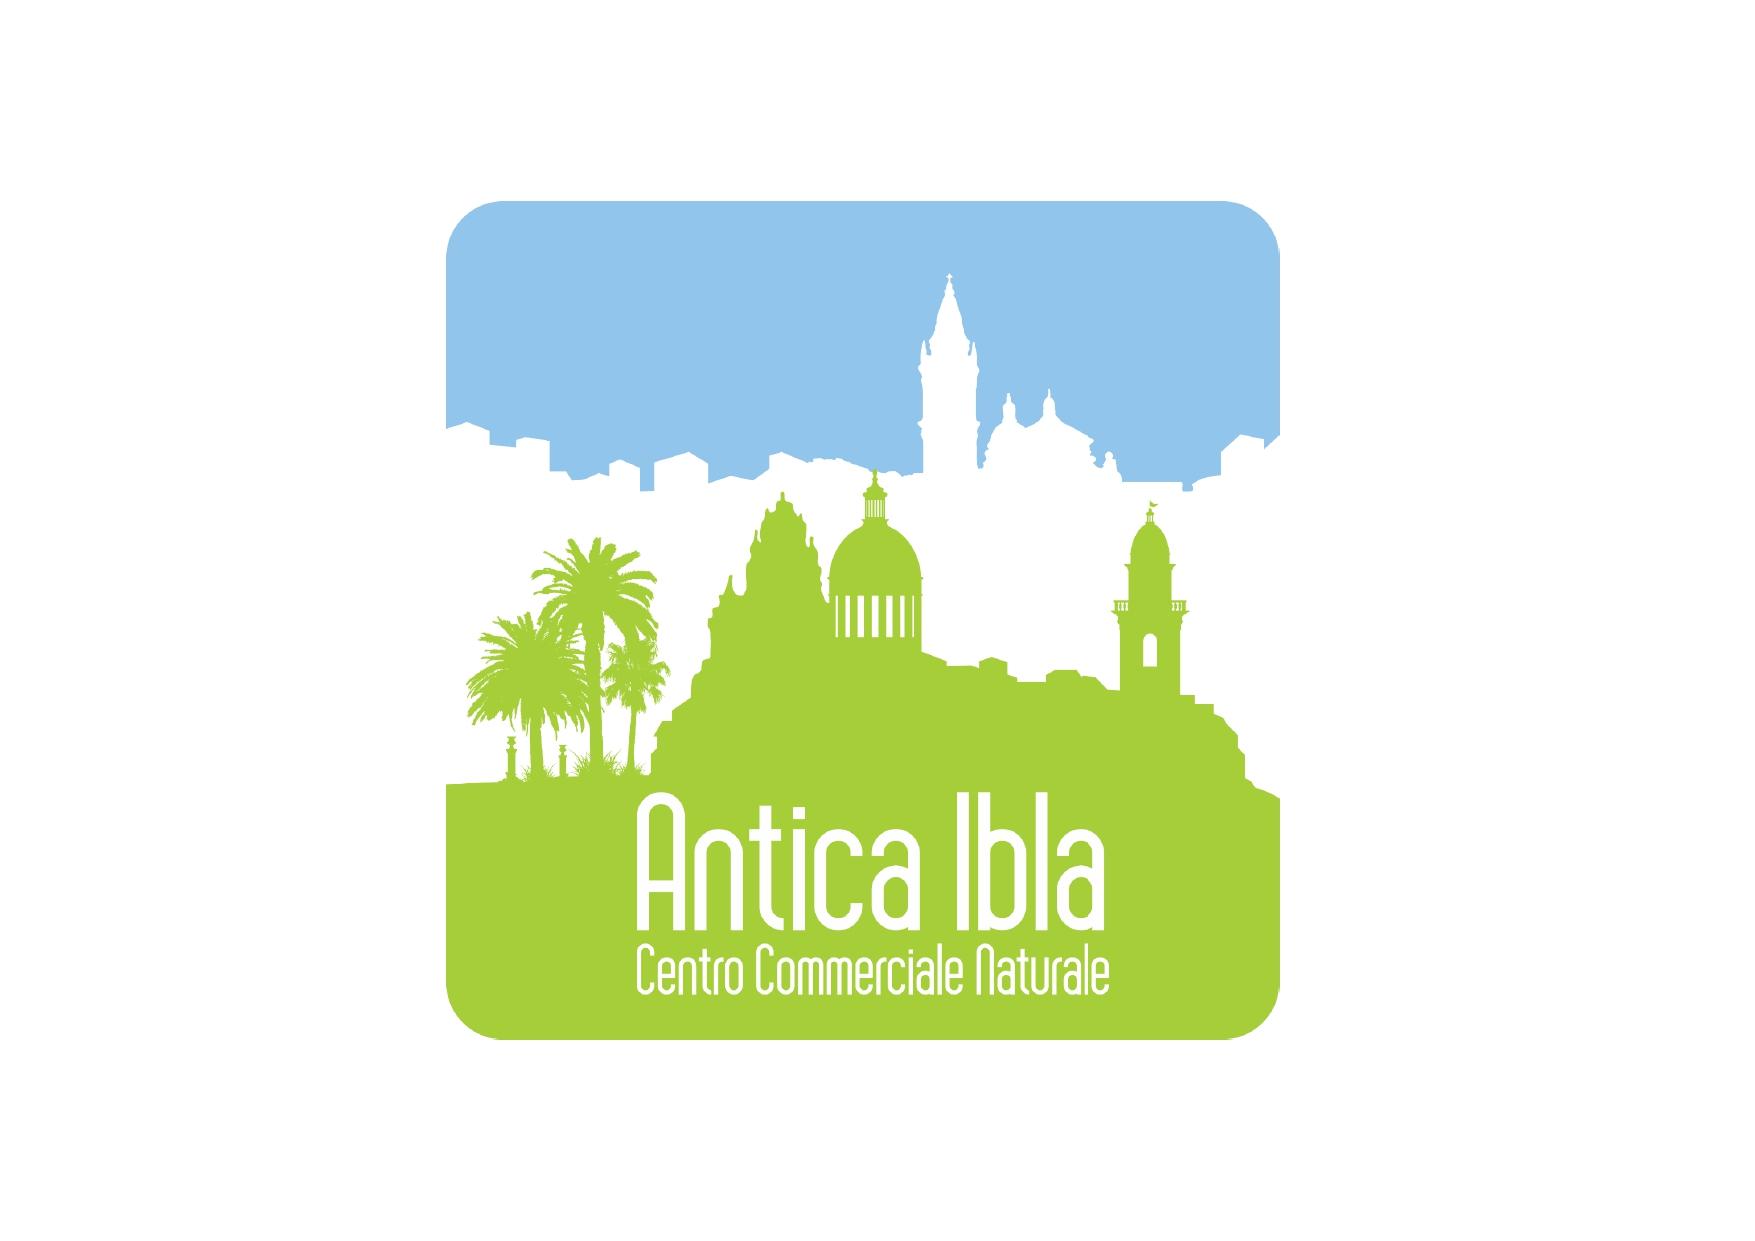 Antica Ibla Centro Commerciale Naturale